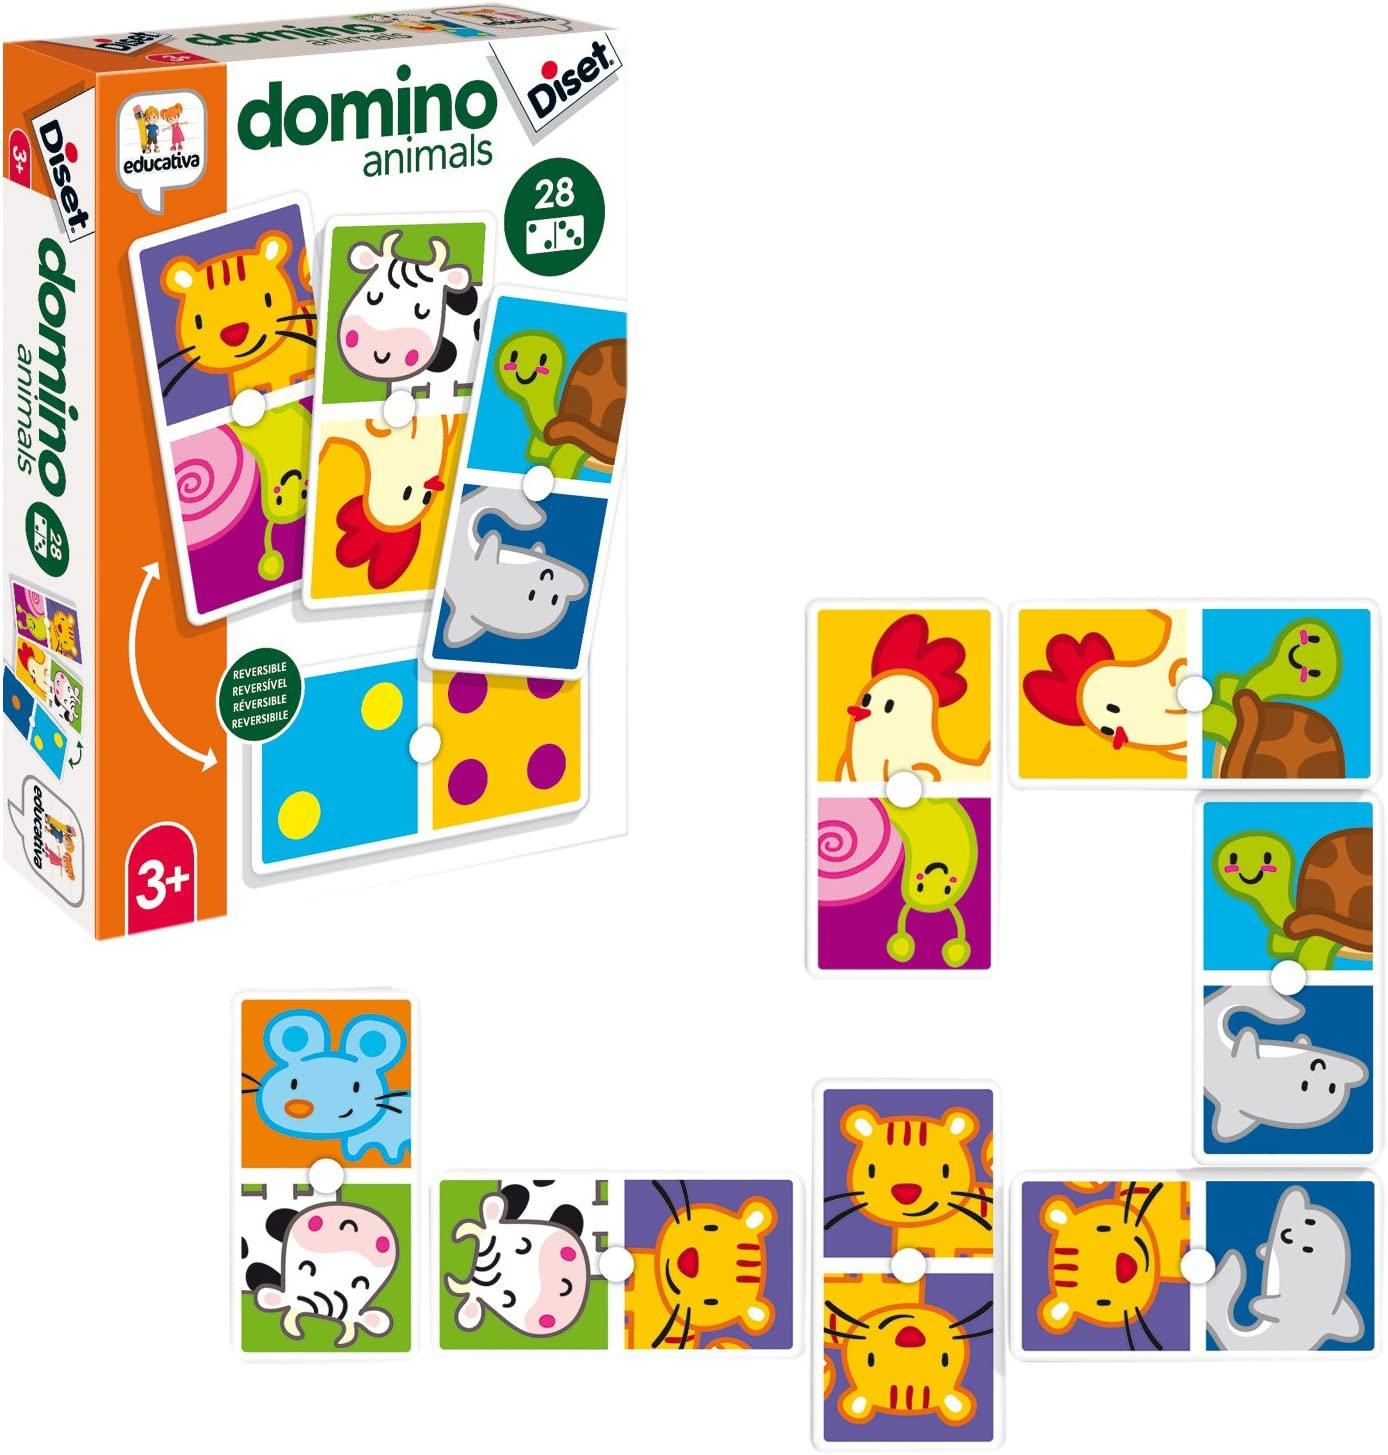 Joc domino - Animale imagine edituradiana.ro